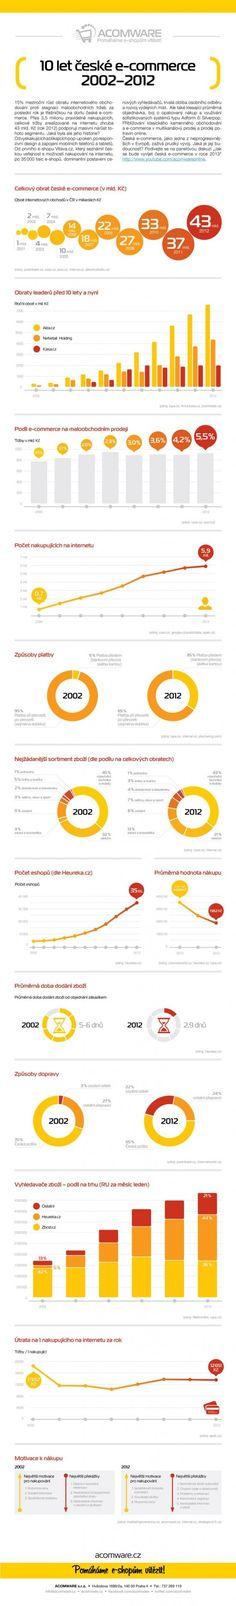 10 let ceske e-commerce 2002-2012 - infografika